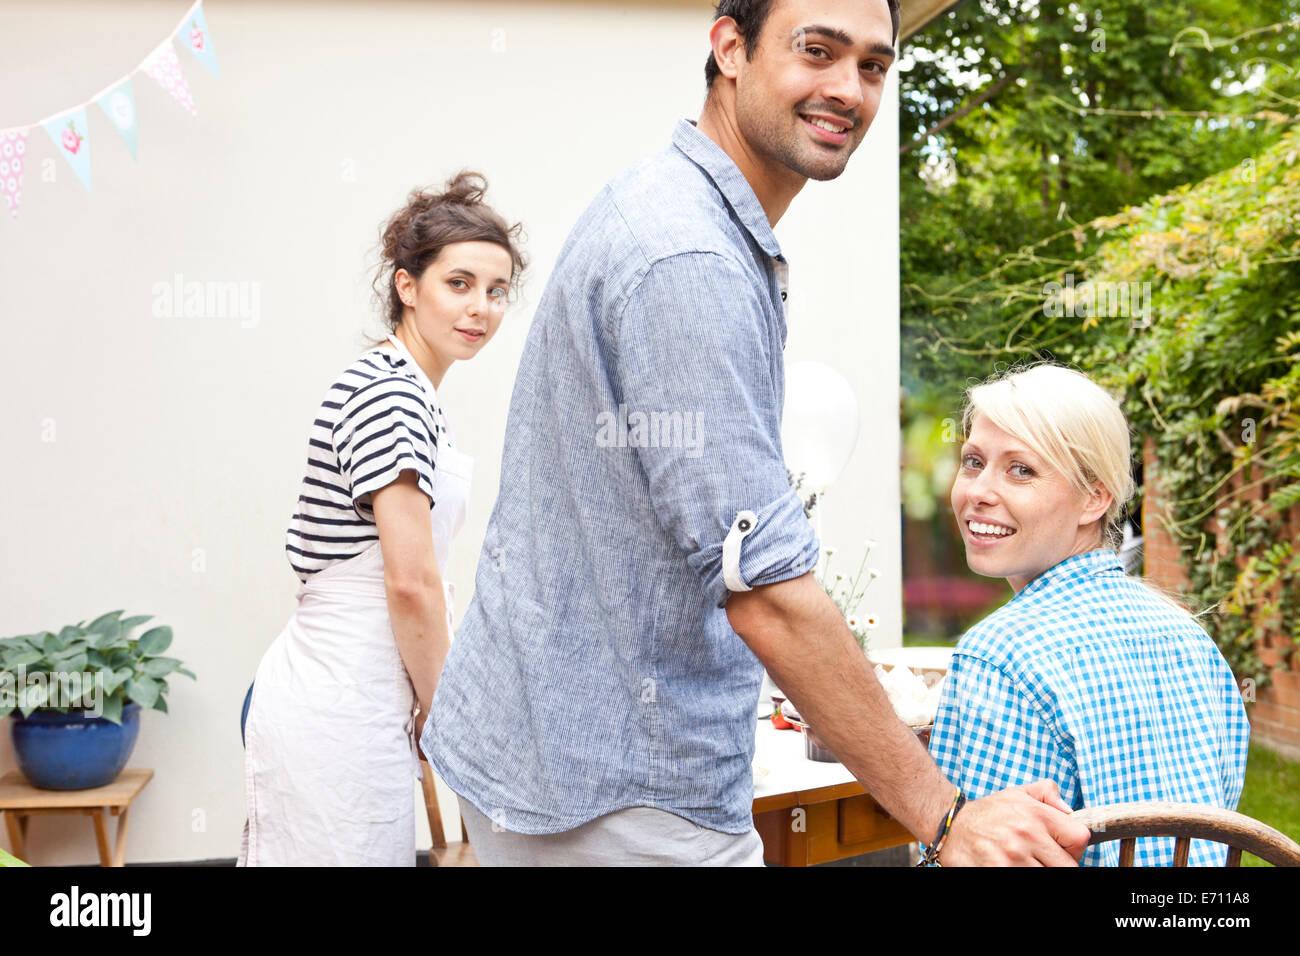 Drei junge Erwachsene Freunde auf Gartenparty Stockbild